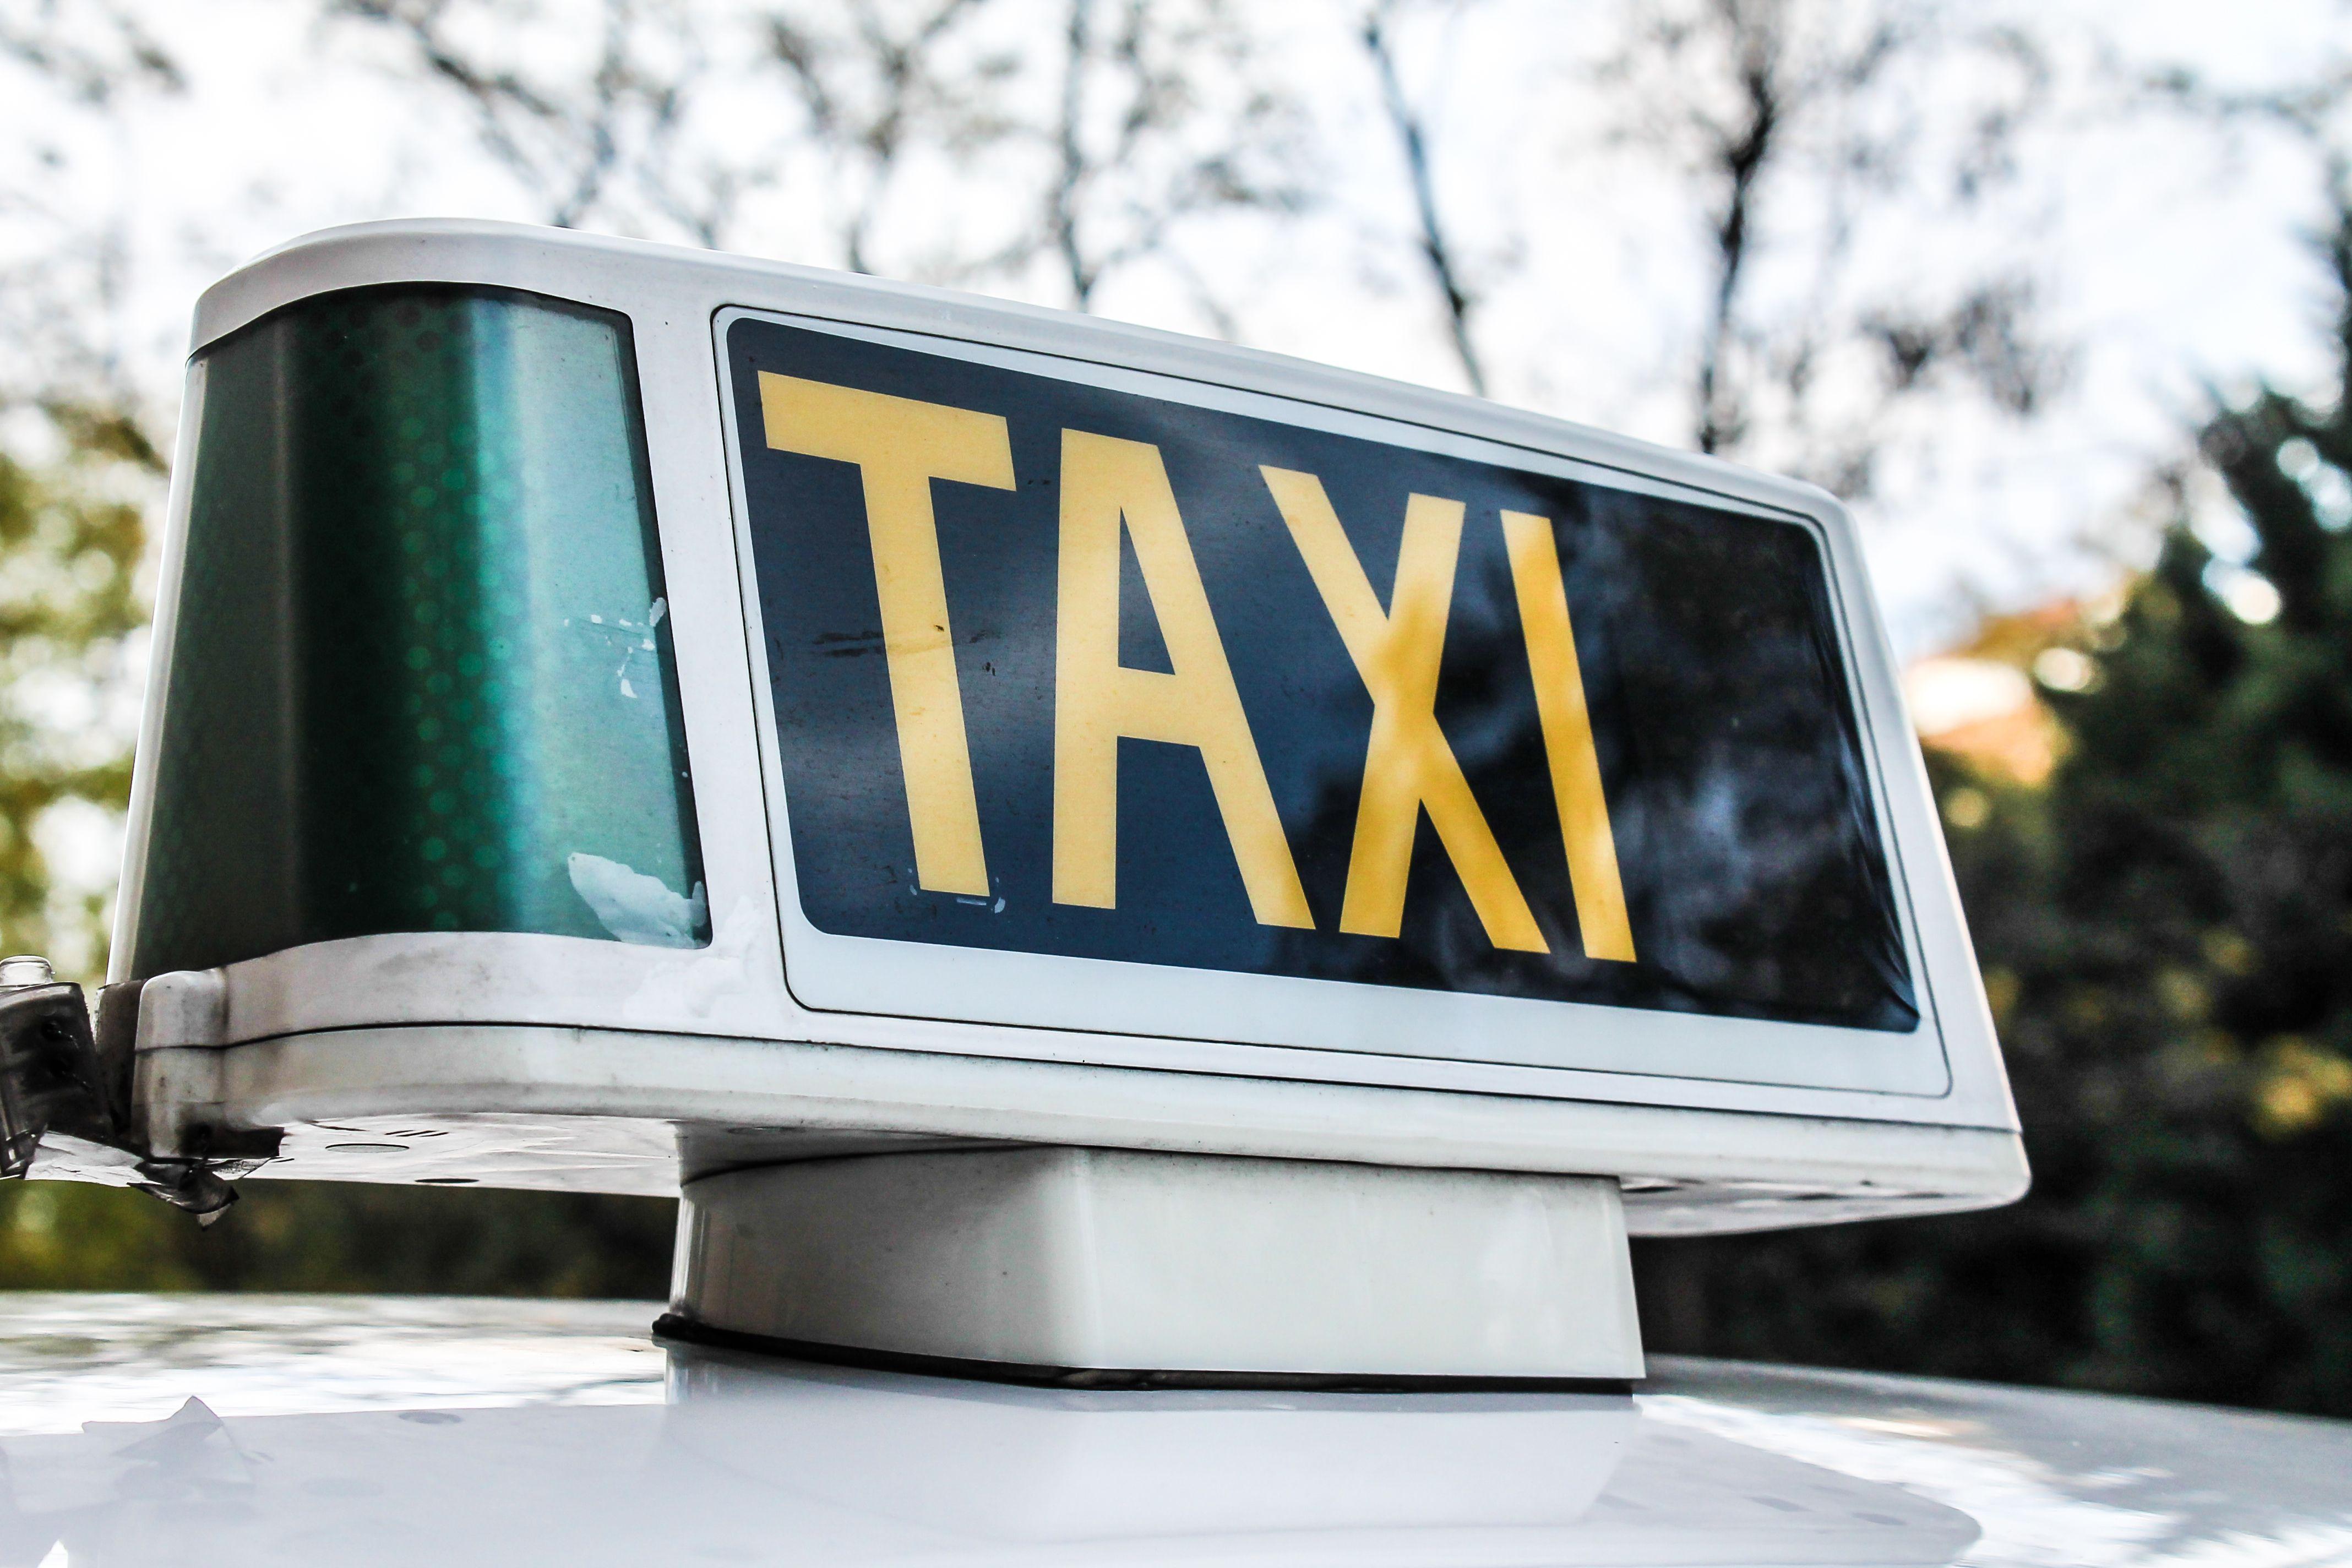 Foto 2 de Taxis en Madrid | Radio taxi Madrid Aeropuerto